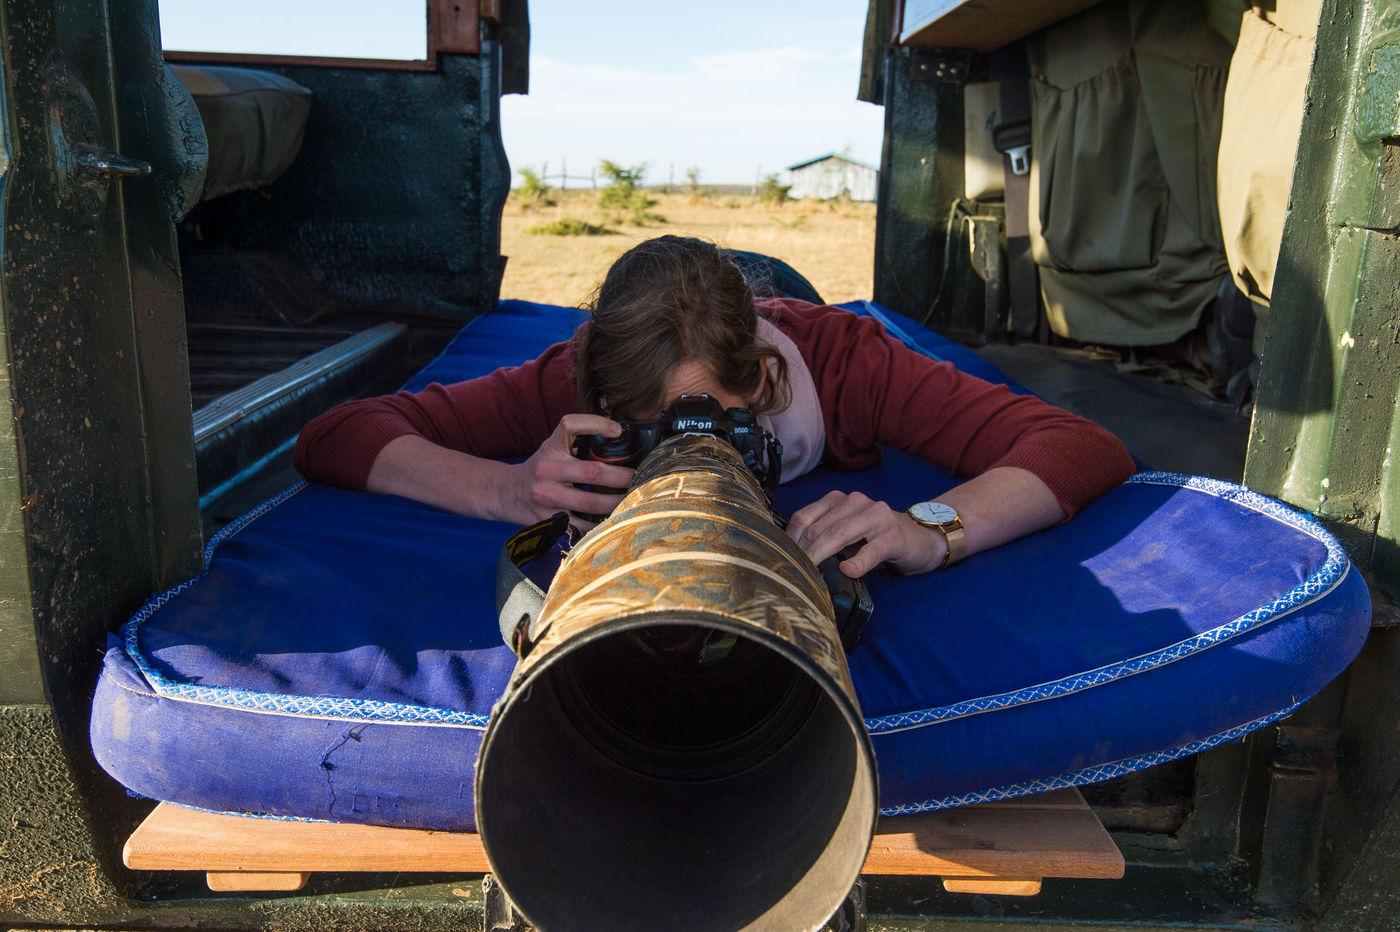 De matras achteraan in de jeep is comfortabel. Het standpunt zorgt voor unieke beelden. Mits goeie afspraken is het mogelijk met twee fotografen hier op plaats te nemen. © Billy Herman